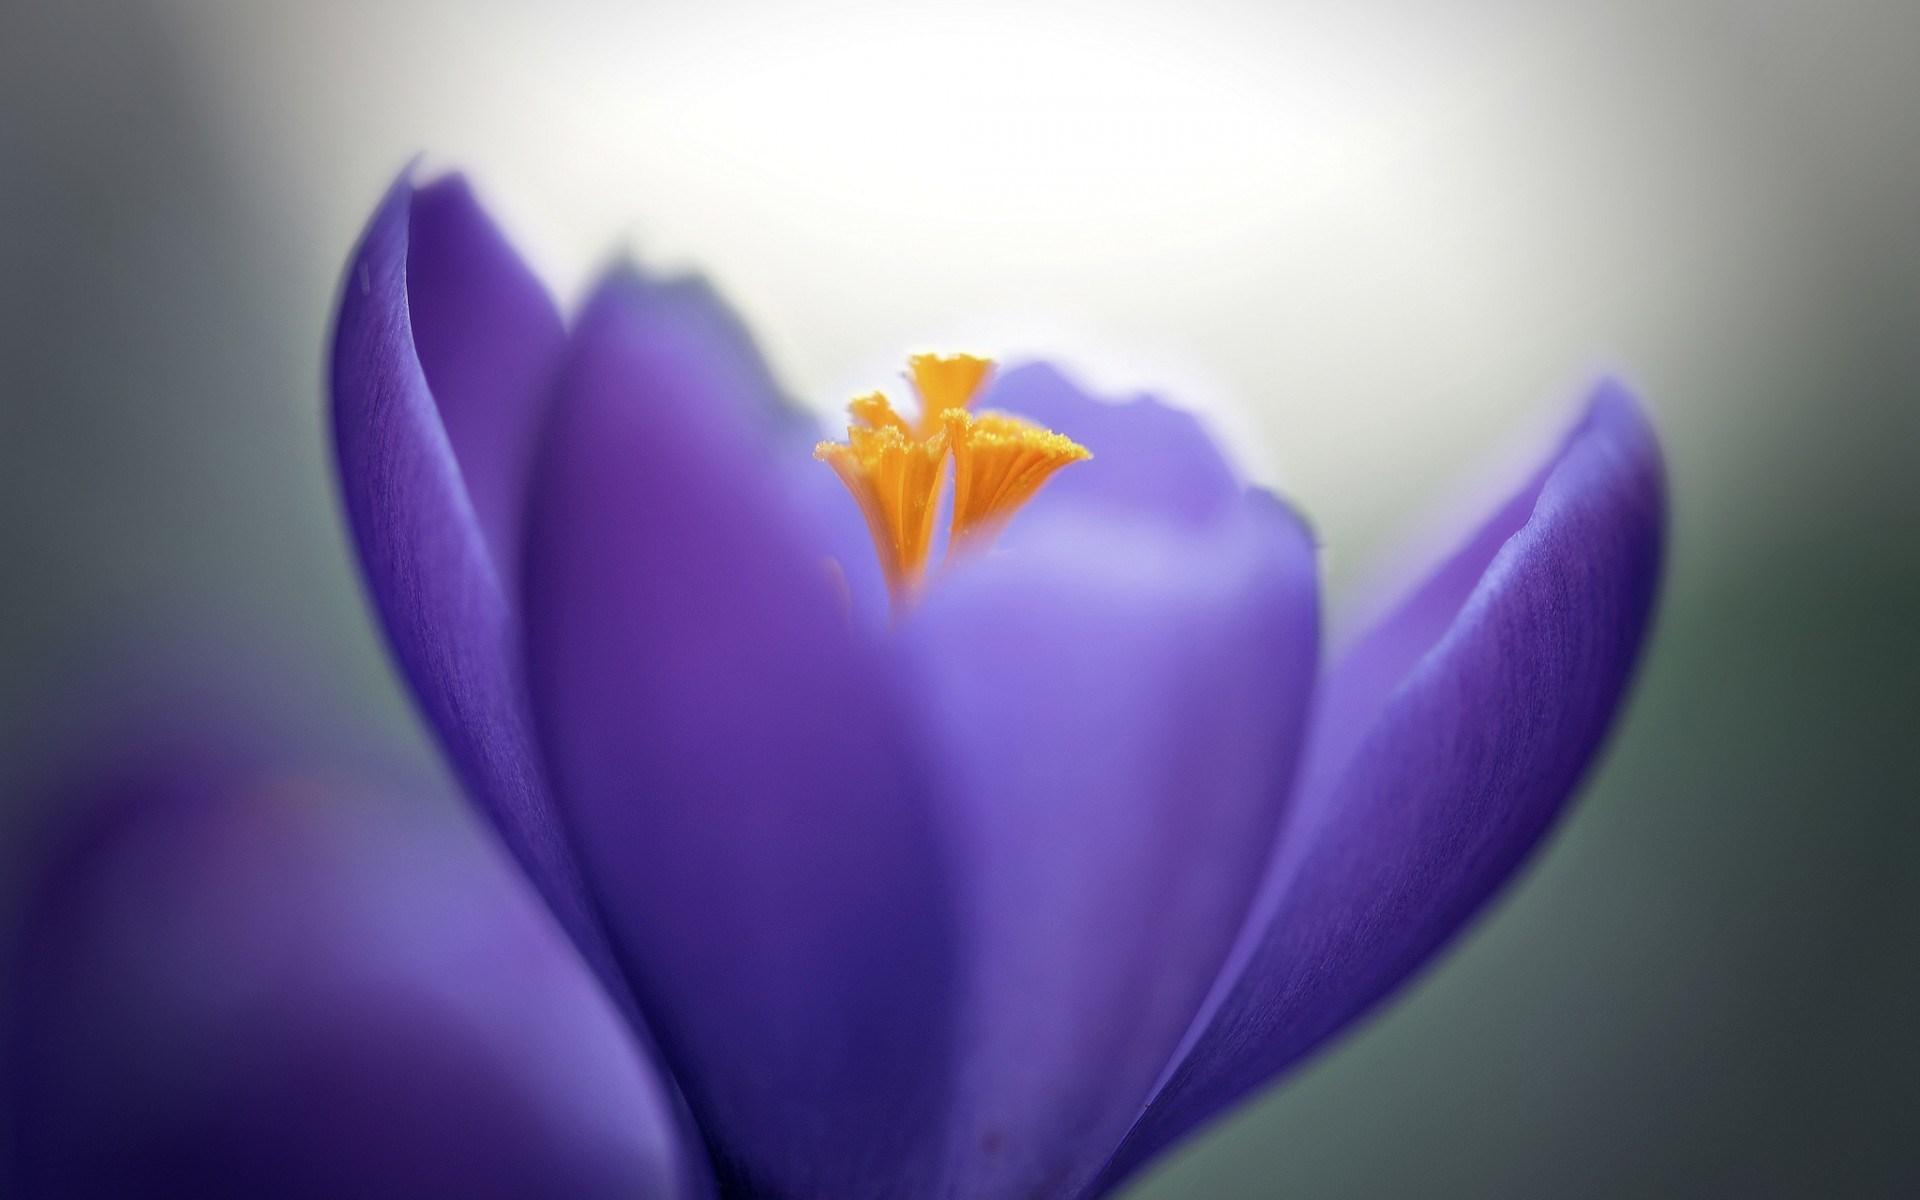 Flowers Lilac Wisteria Close-Up